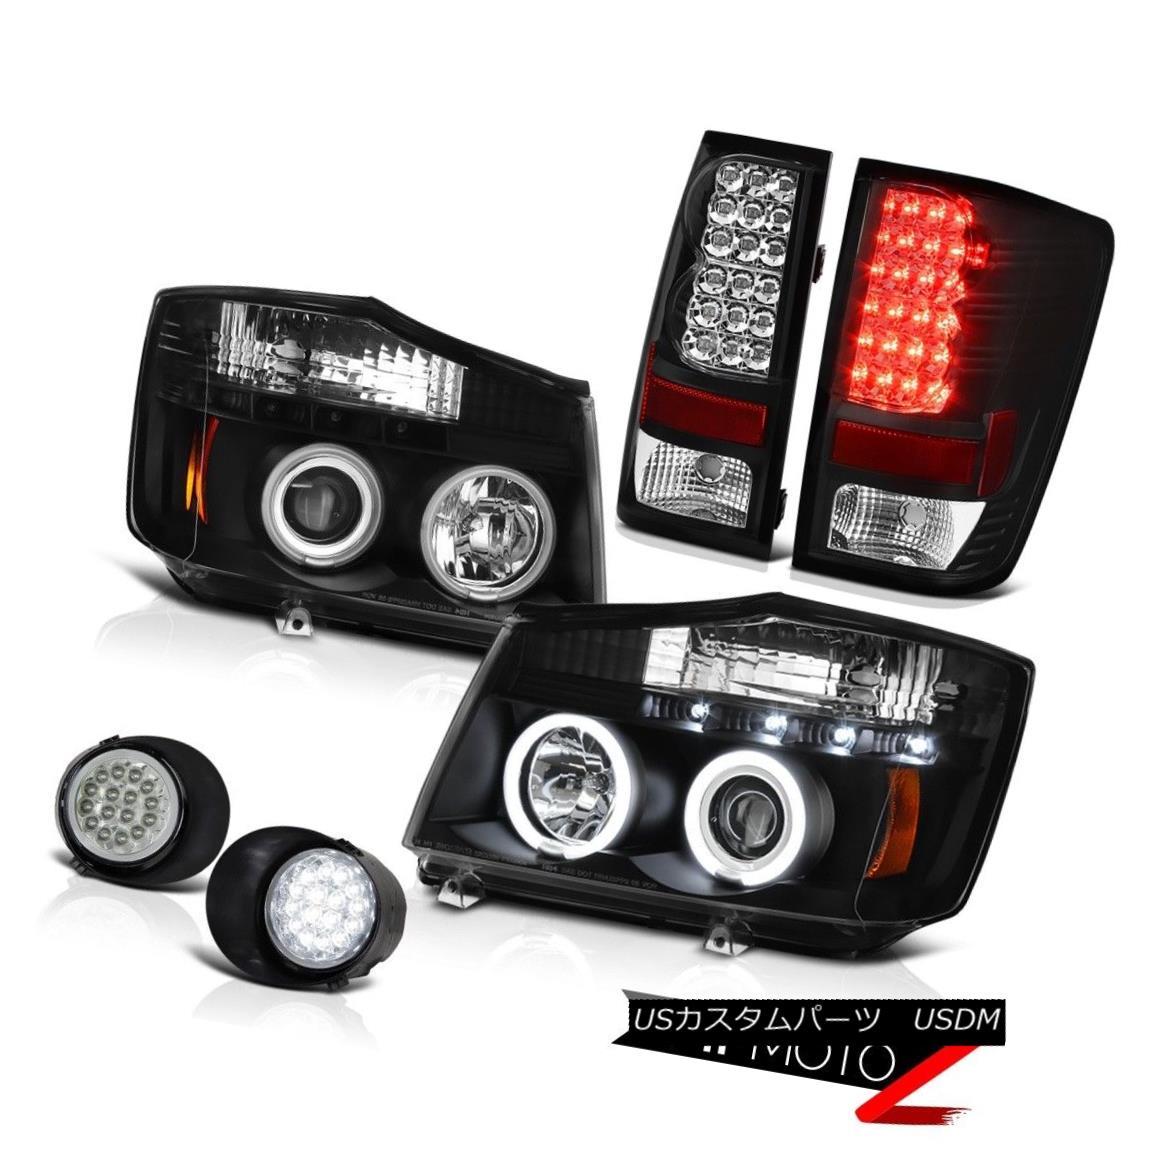 ヘッドライト For 2004-2015 Titan S Angel Eye CCFL Headlamps LED Taillamps Driving Foglights 2004年?2015年タイタンSエンジェルアイCCFLヘッドランプLEDタイルランプフォグライト